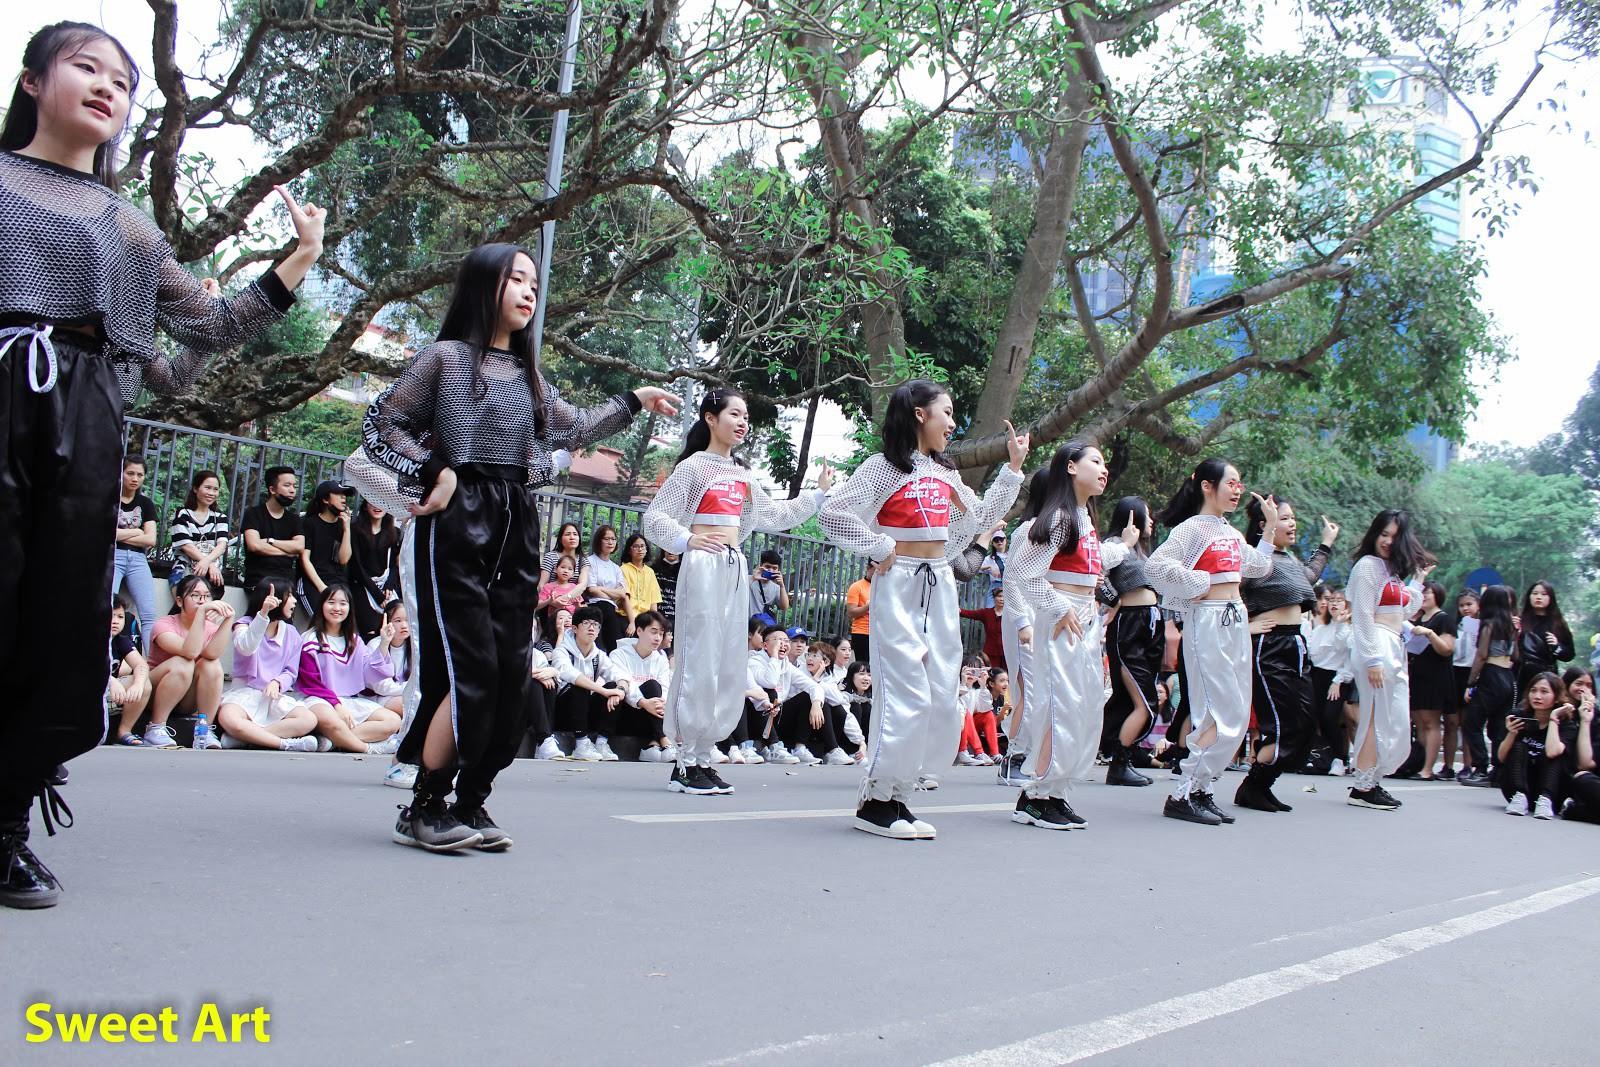 Lần đầu tổ chức offline Cover Kpop tại phố đi bộ, Sweet Art gây ấn tượng mạnh với các học viên - Ảnh 3.